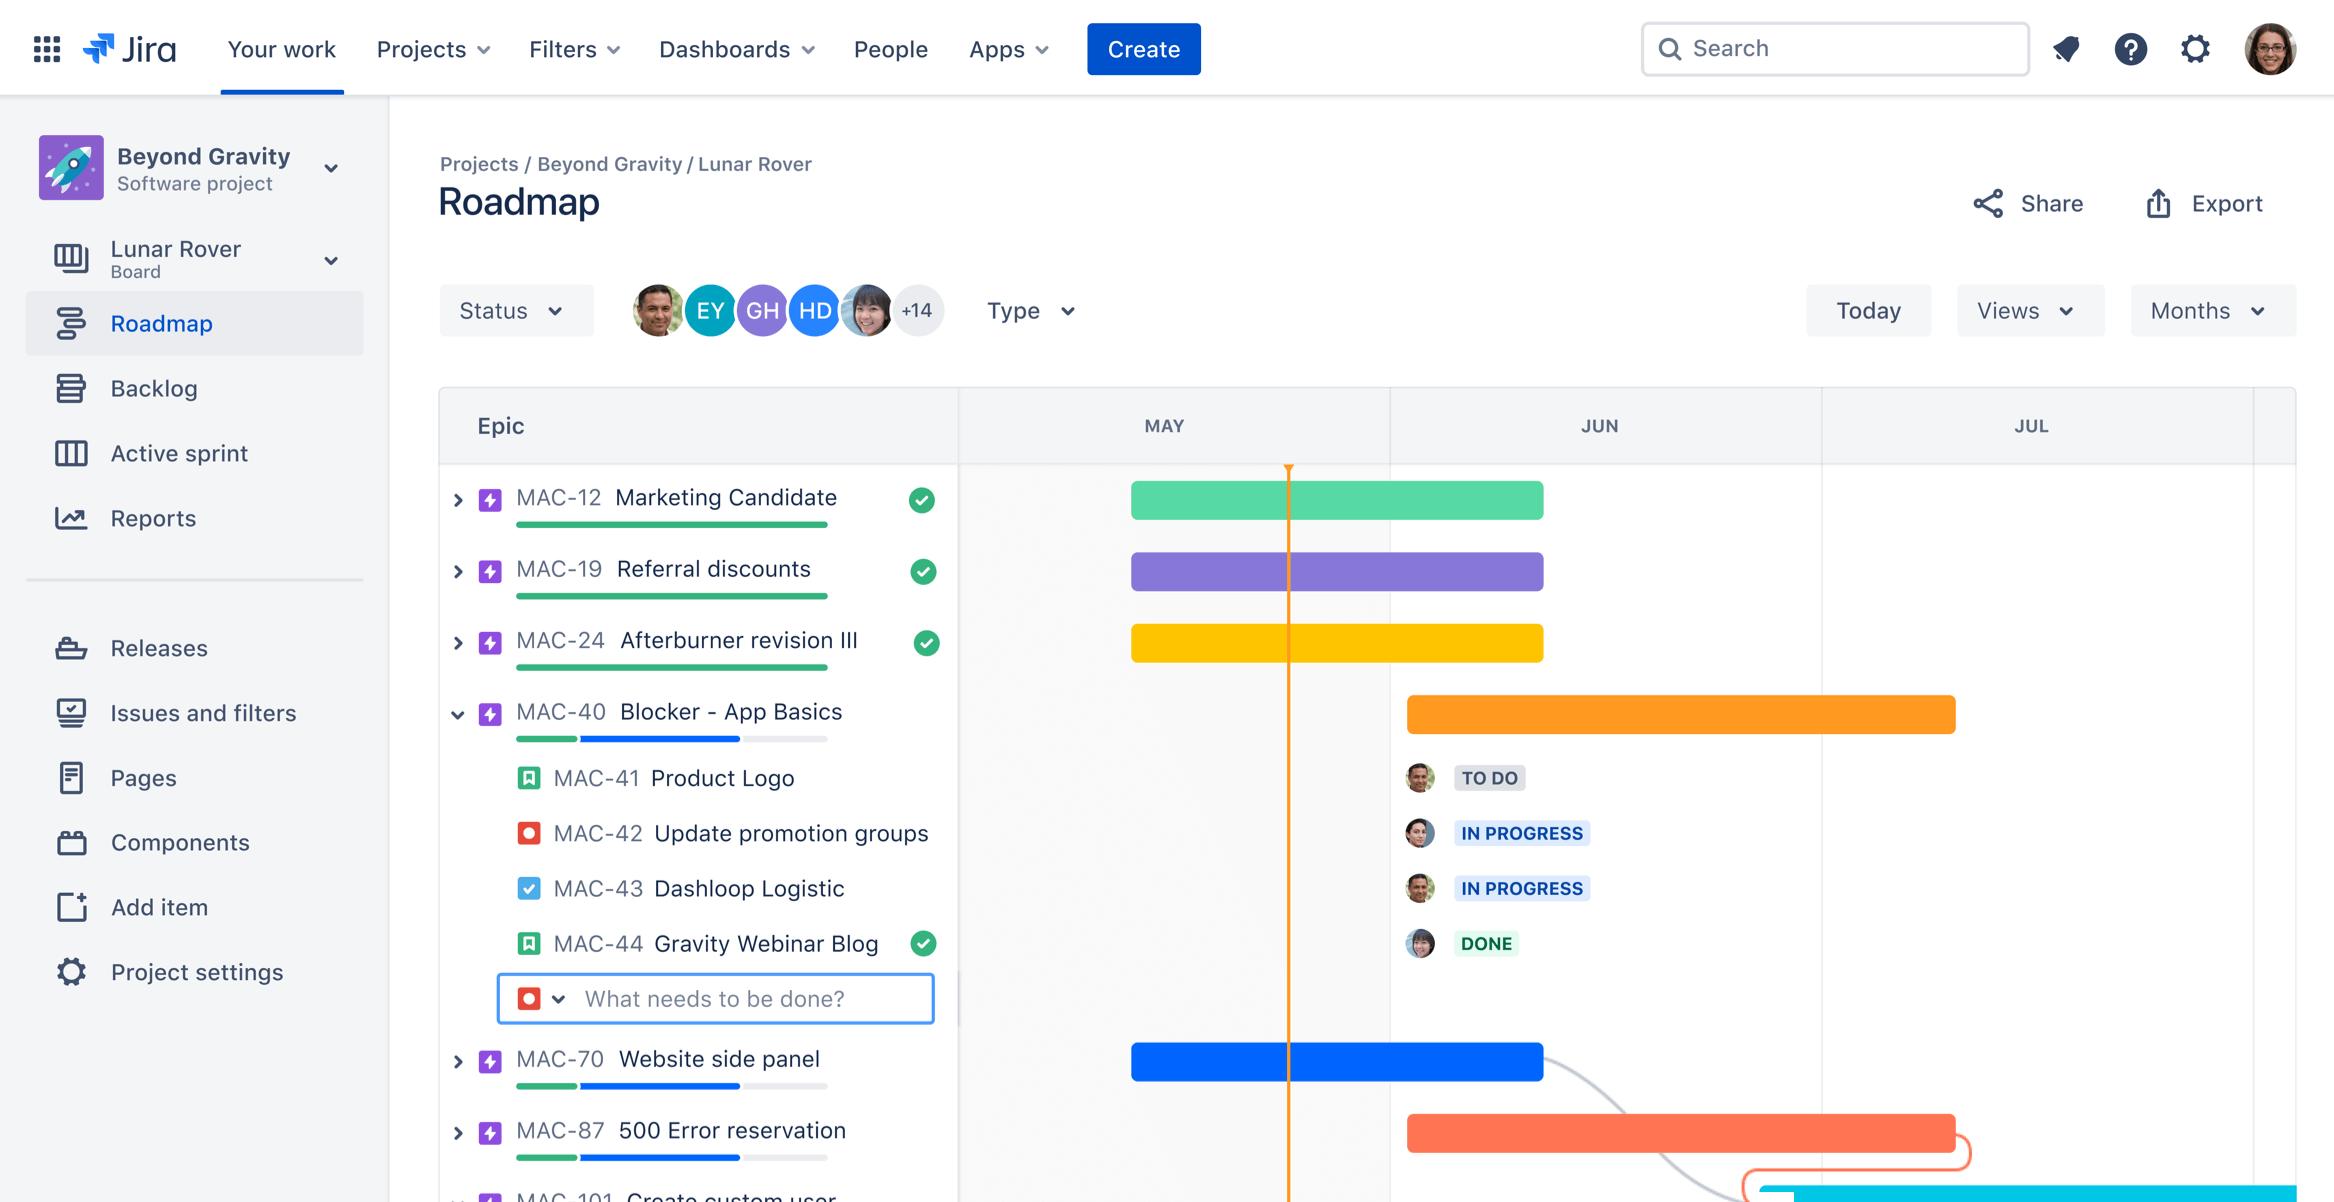 Снимок экрана с диаграммой Ганта для конкретного проекта в дорожных картах Jira| Atlassian— тренер по Agile